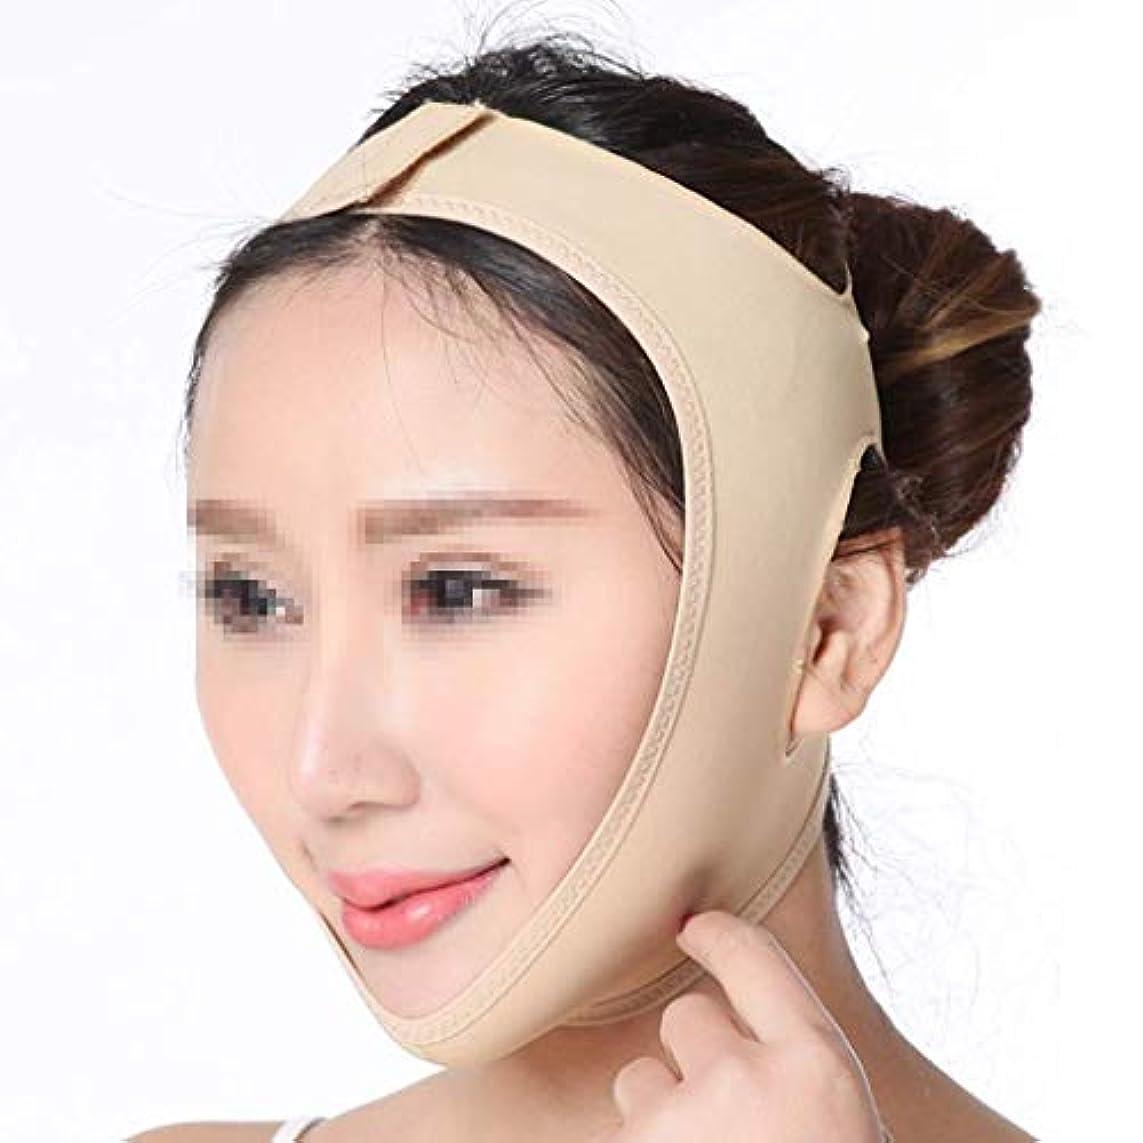 精神医学早熟赤道ビューティーマスク、回復後のラインカービングダブルチンフェイスリフトアーティファクトフェイススモールVフェイスインストゥルメントバンデージリフティングケアヘッドギア(サイズ:L)